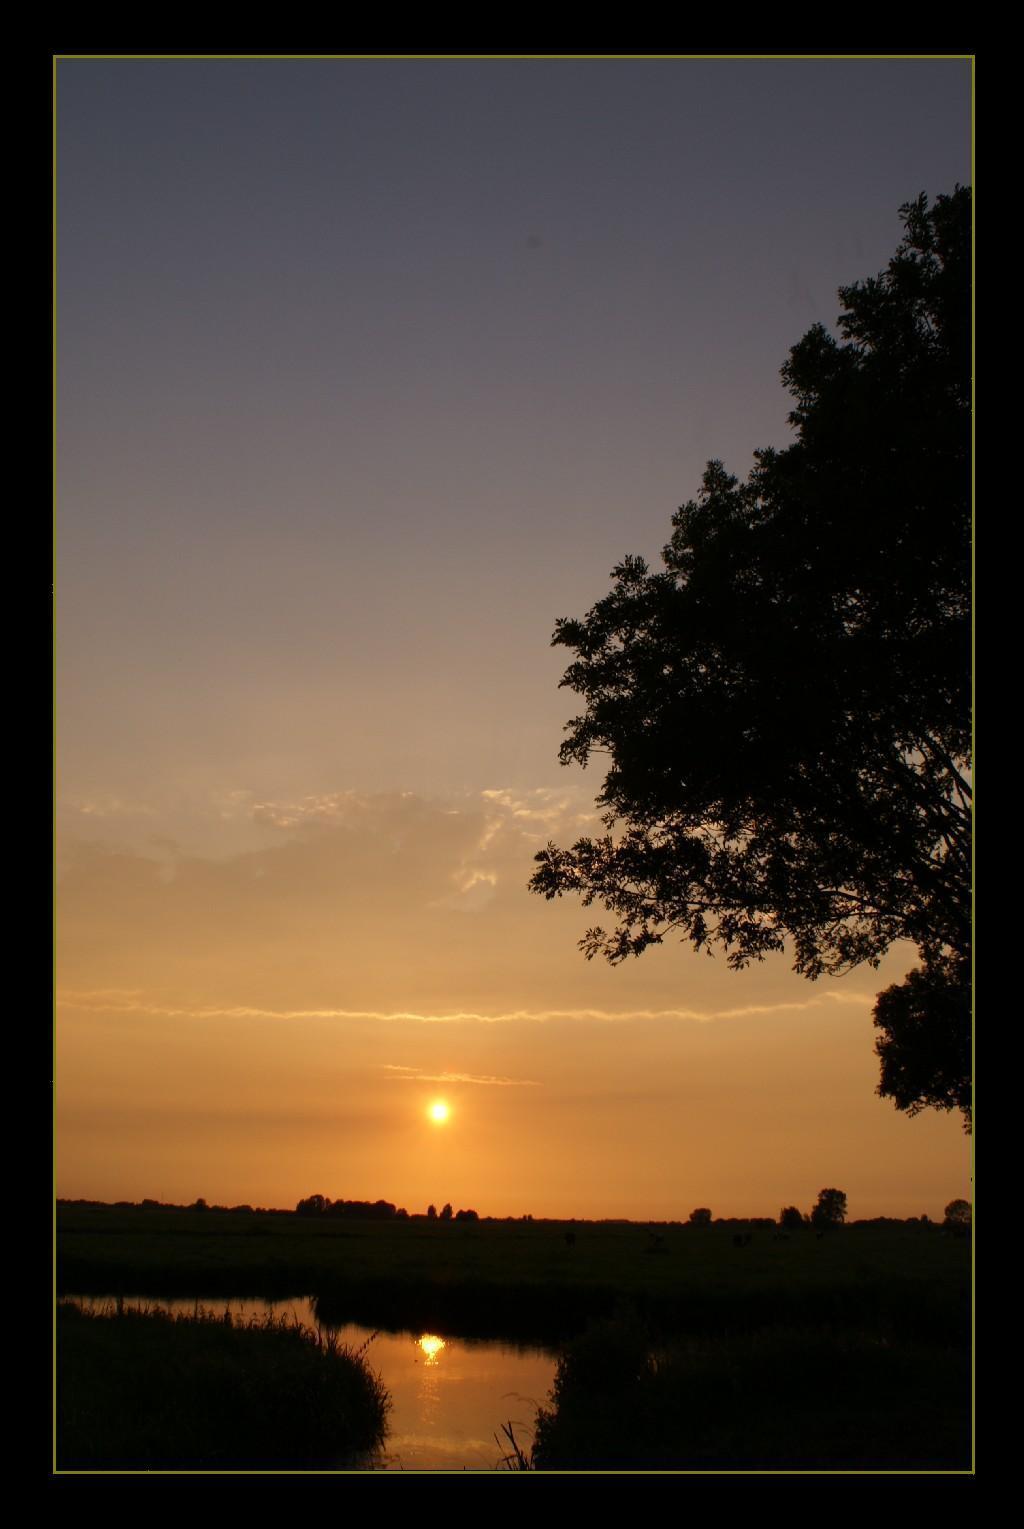 Weerspiegeling - Bedankt voor de fijne reacties, morgen komende laatste foto's voorlopig. I.v.m. de vakantie. - foto door Jan_koppelaar op 25-07-2007 - deze foto bevat: zon, zonsondergang, zonlicht, sfeer, jan